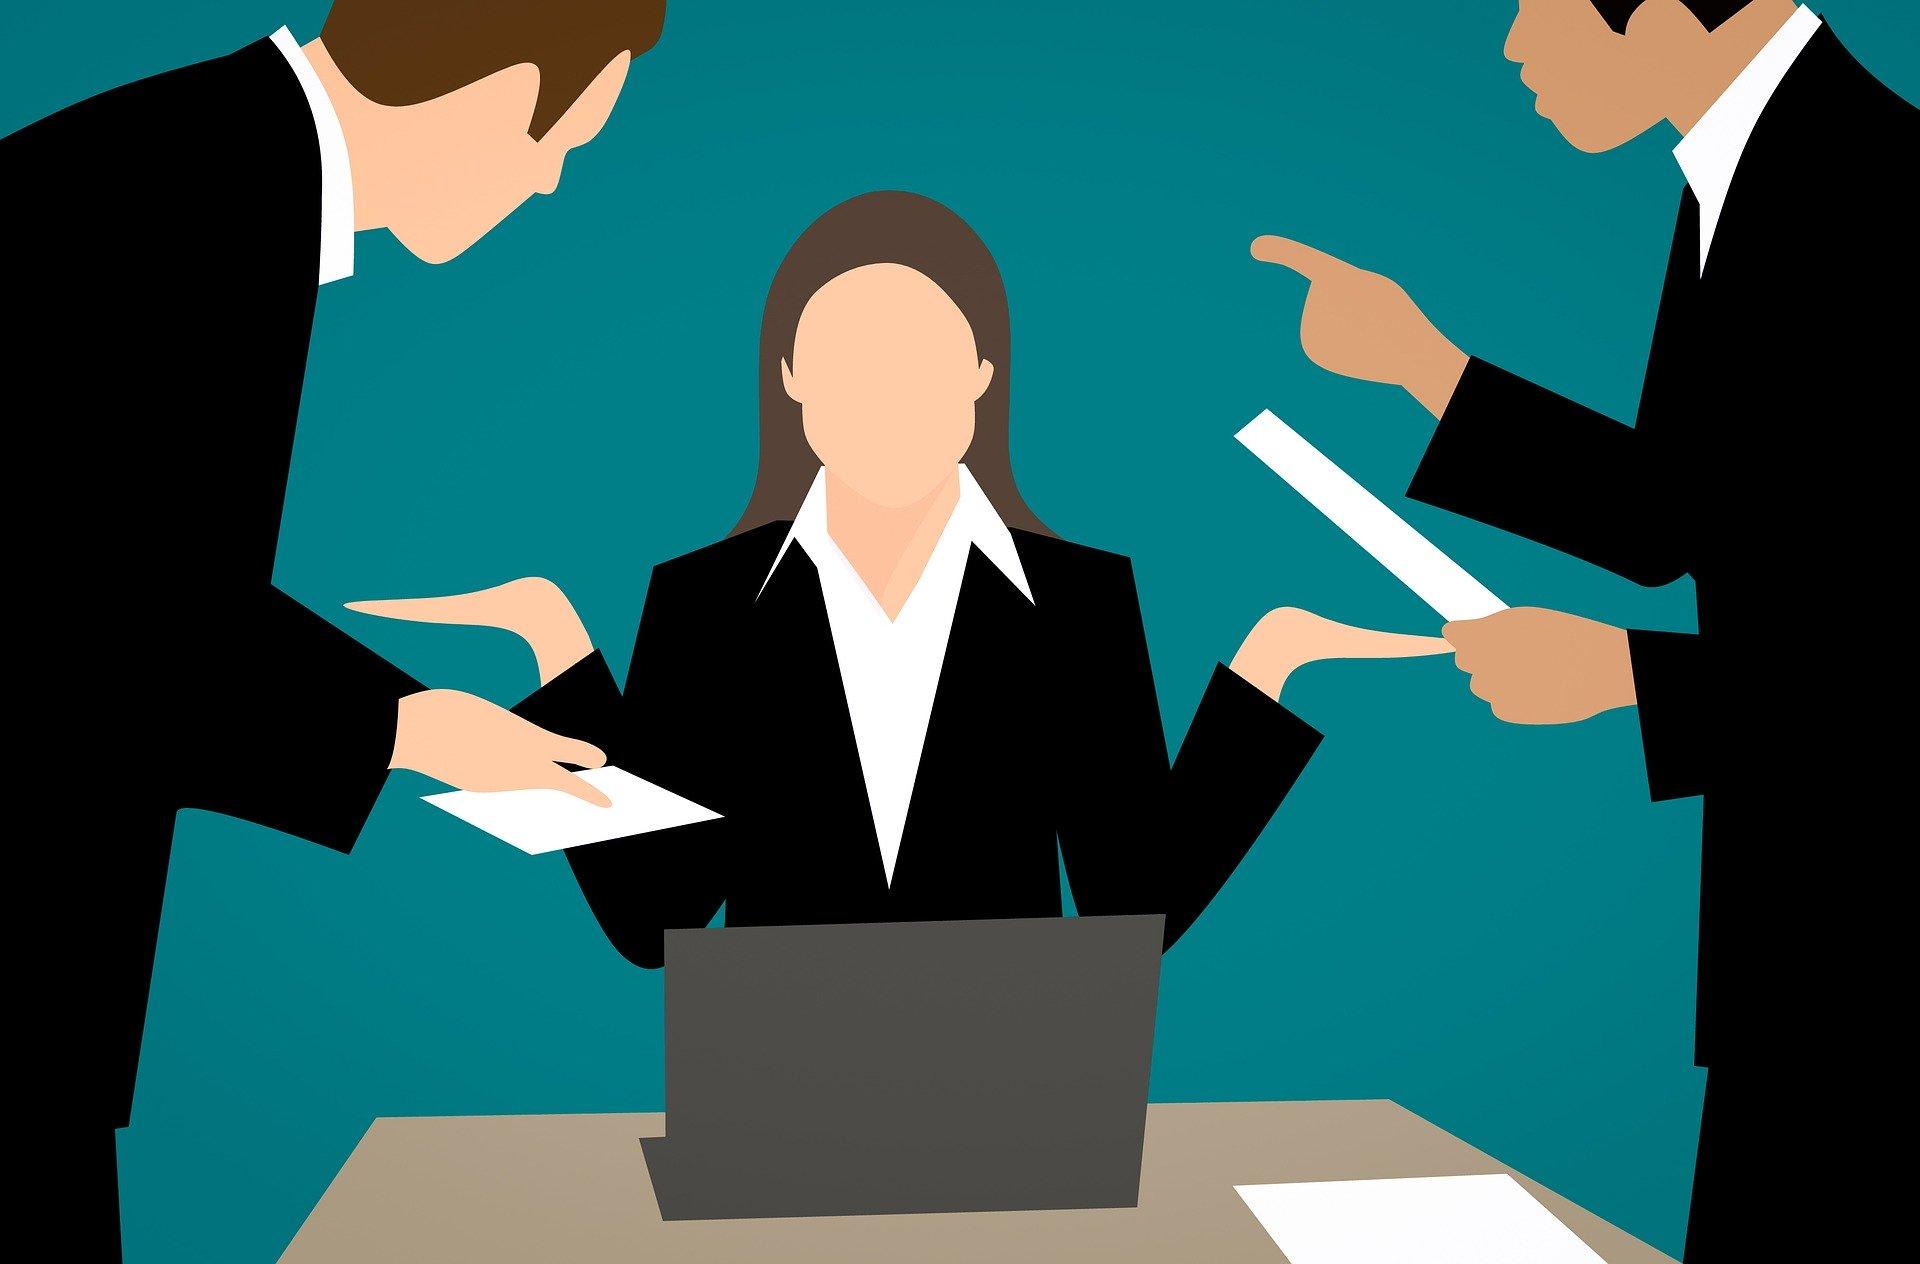 Сексизм на рабочем месте и как с ним бороться